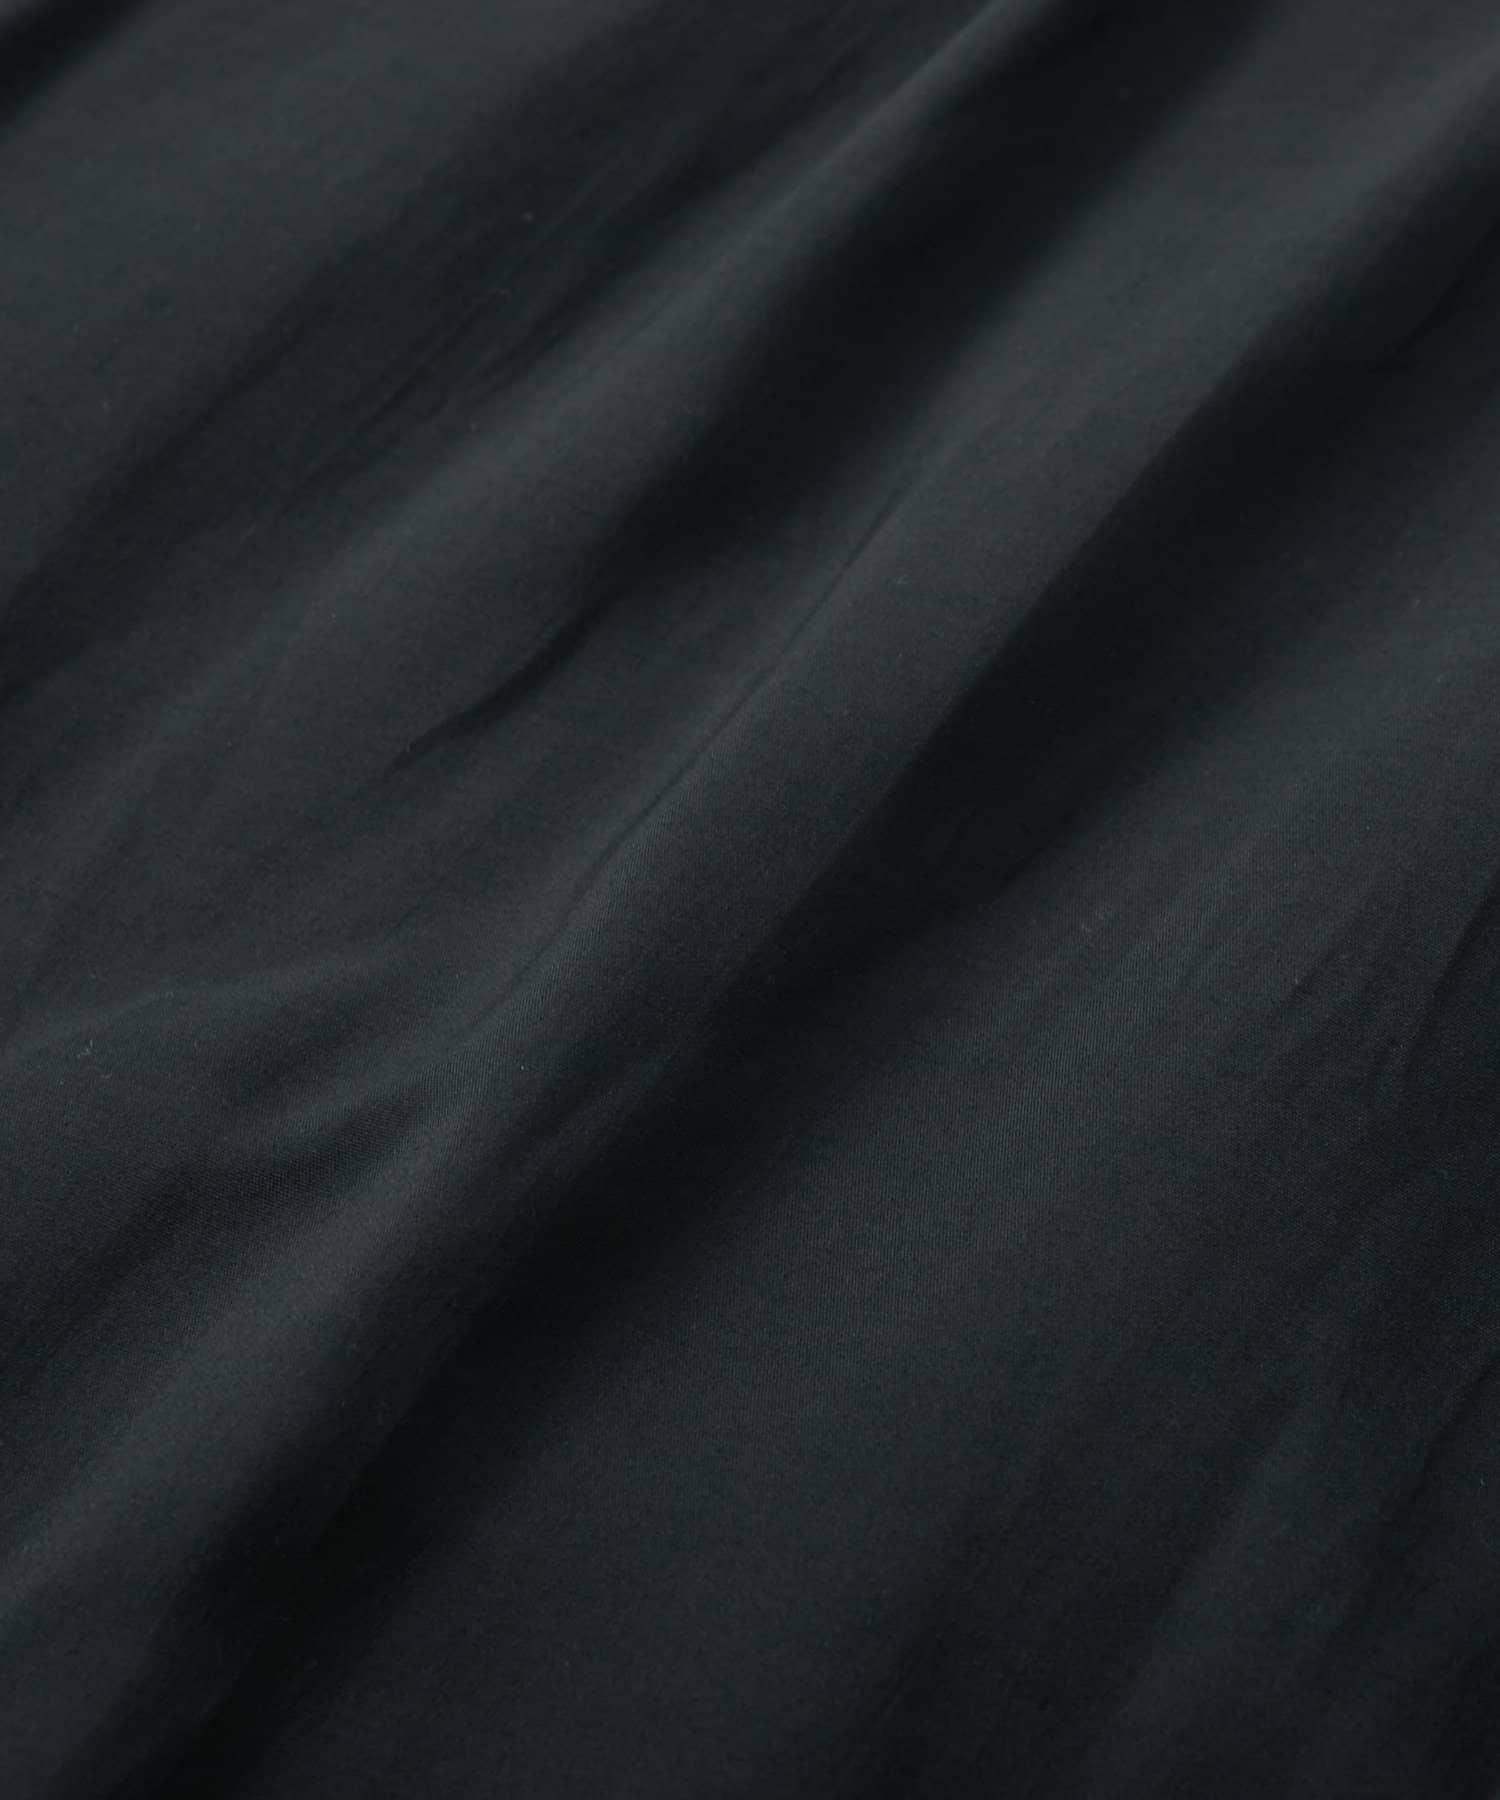 RIVE DROITE(リヴドロワ) 【素材のとろみで美シルエット】レーヨンボリュームワンピース